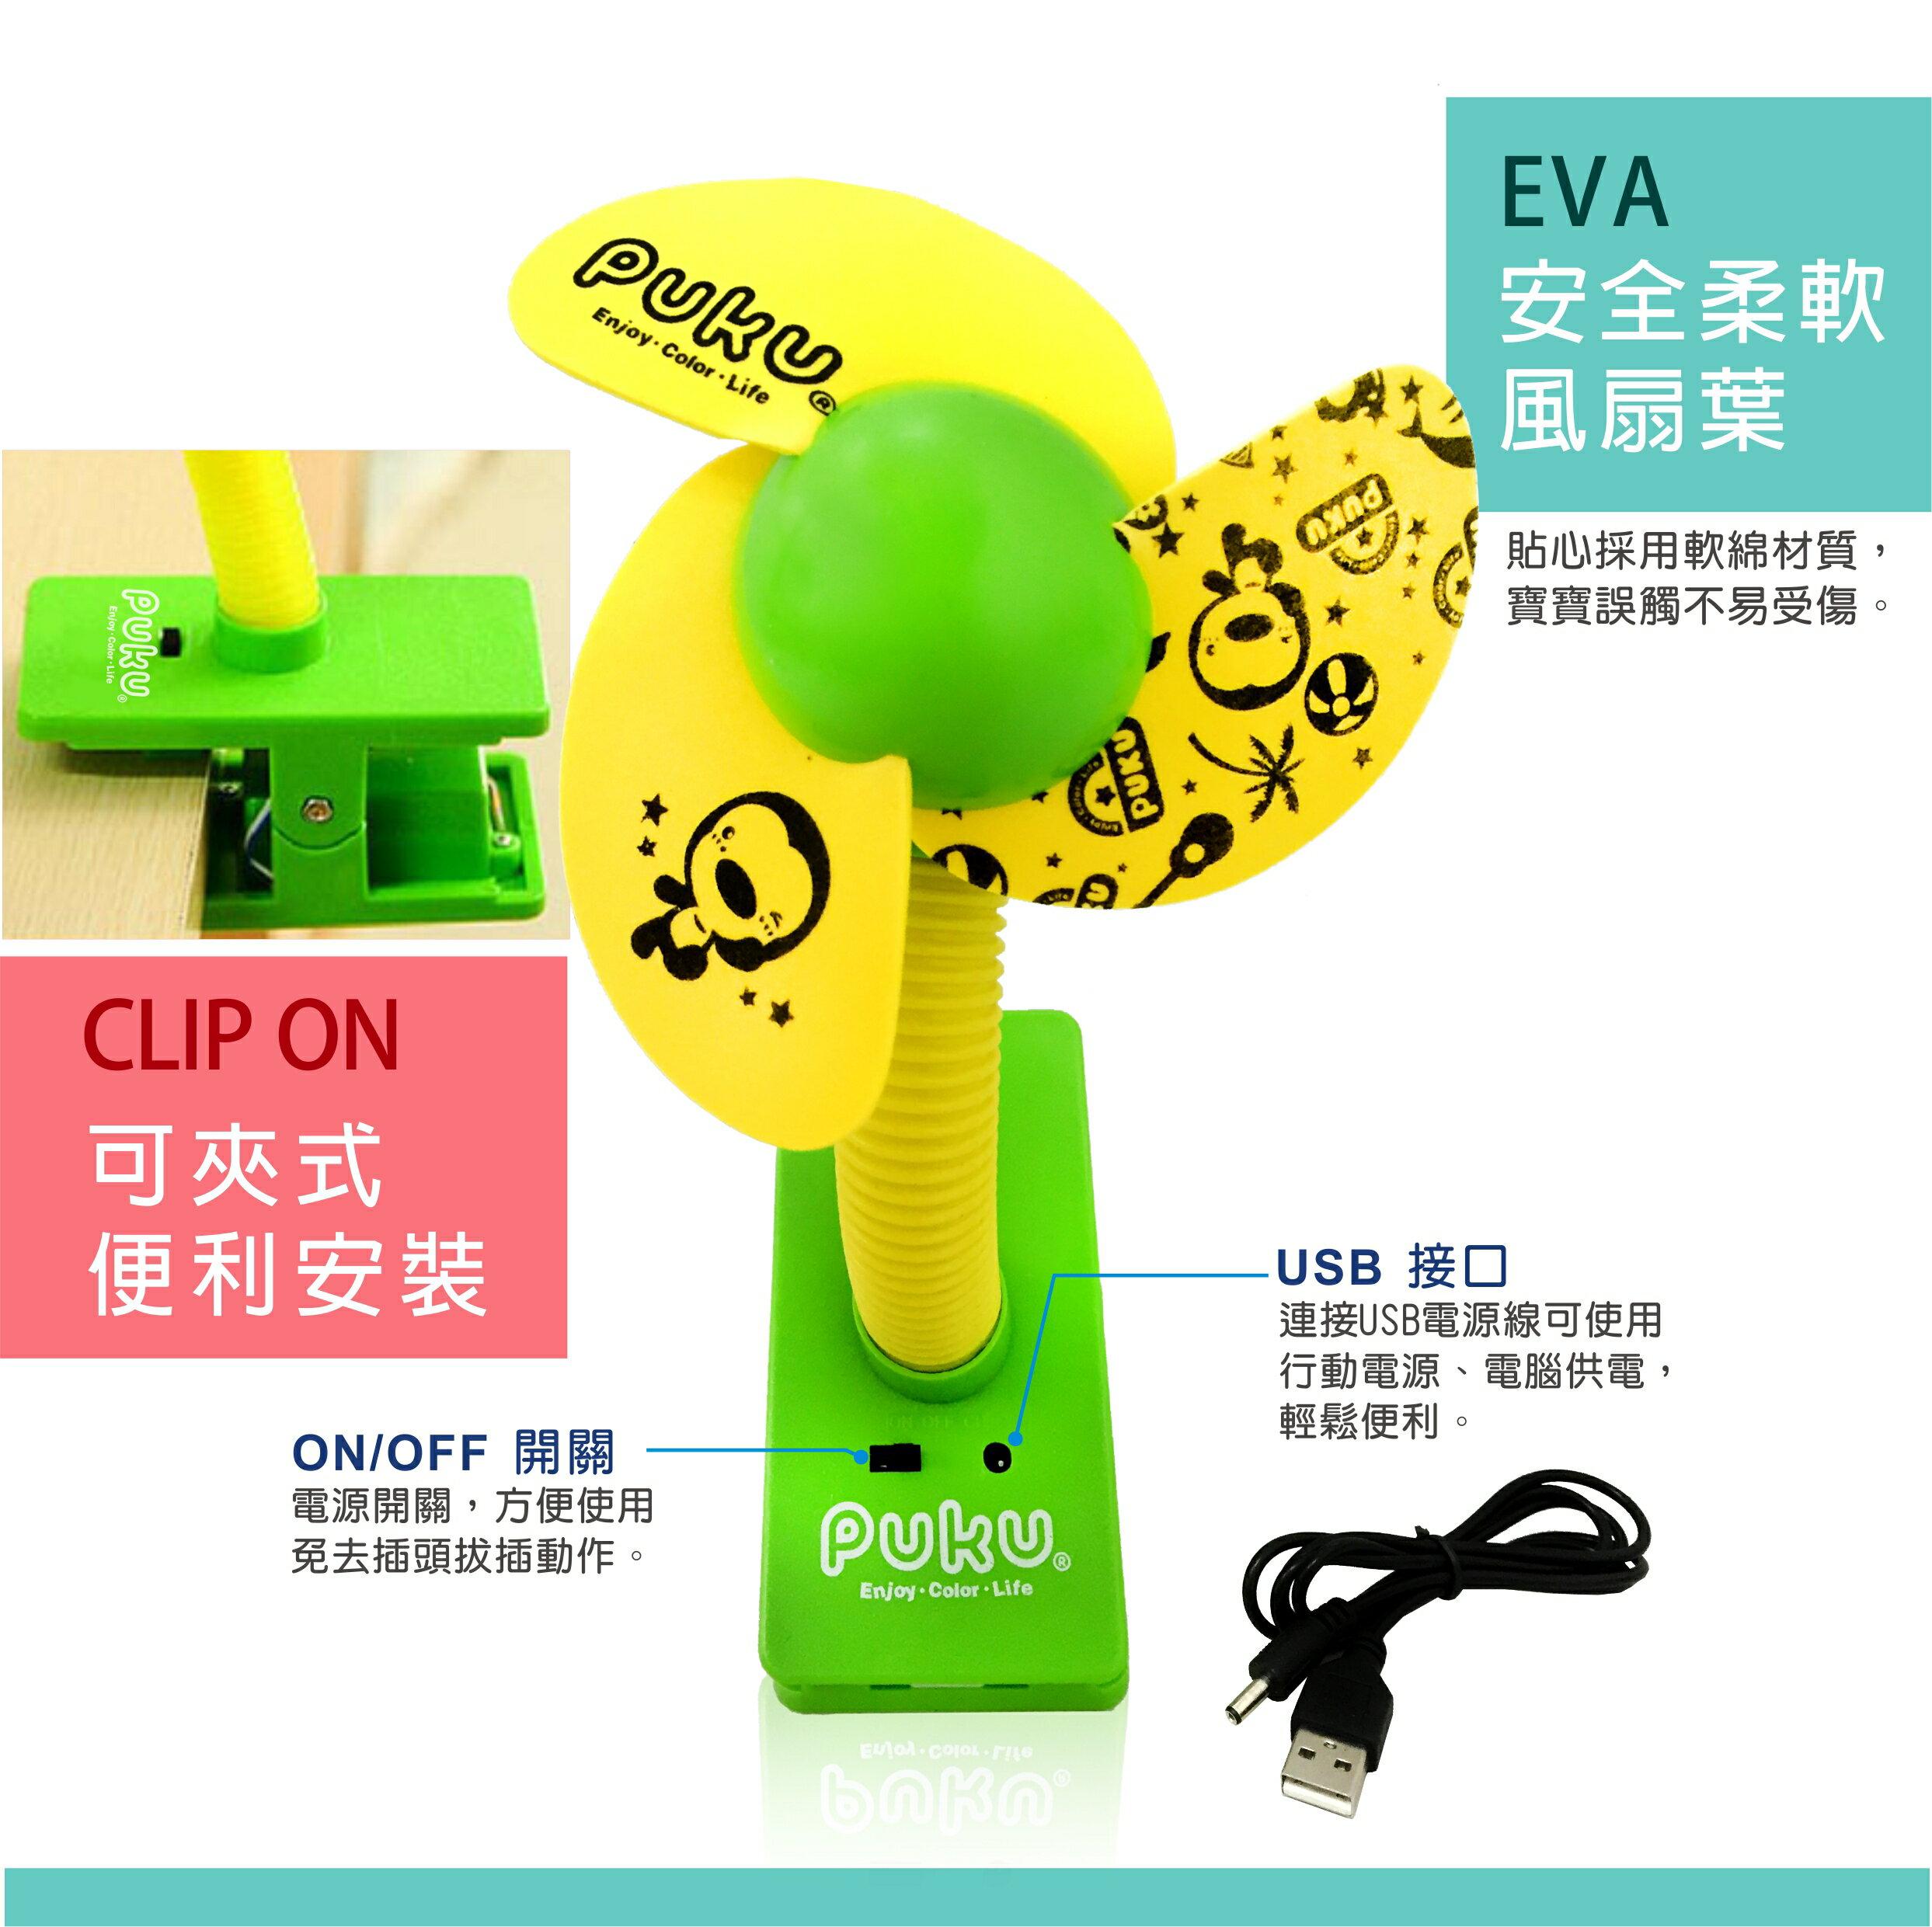 『121婦嬰用品館』PUKU Fan夾式電風扇 2